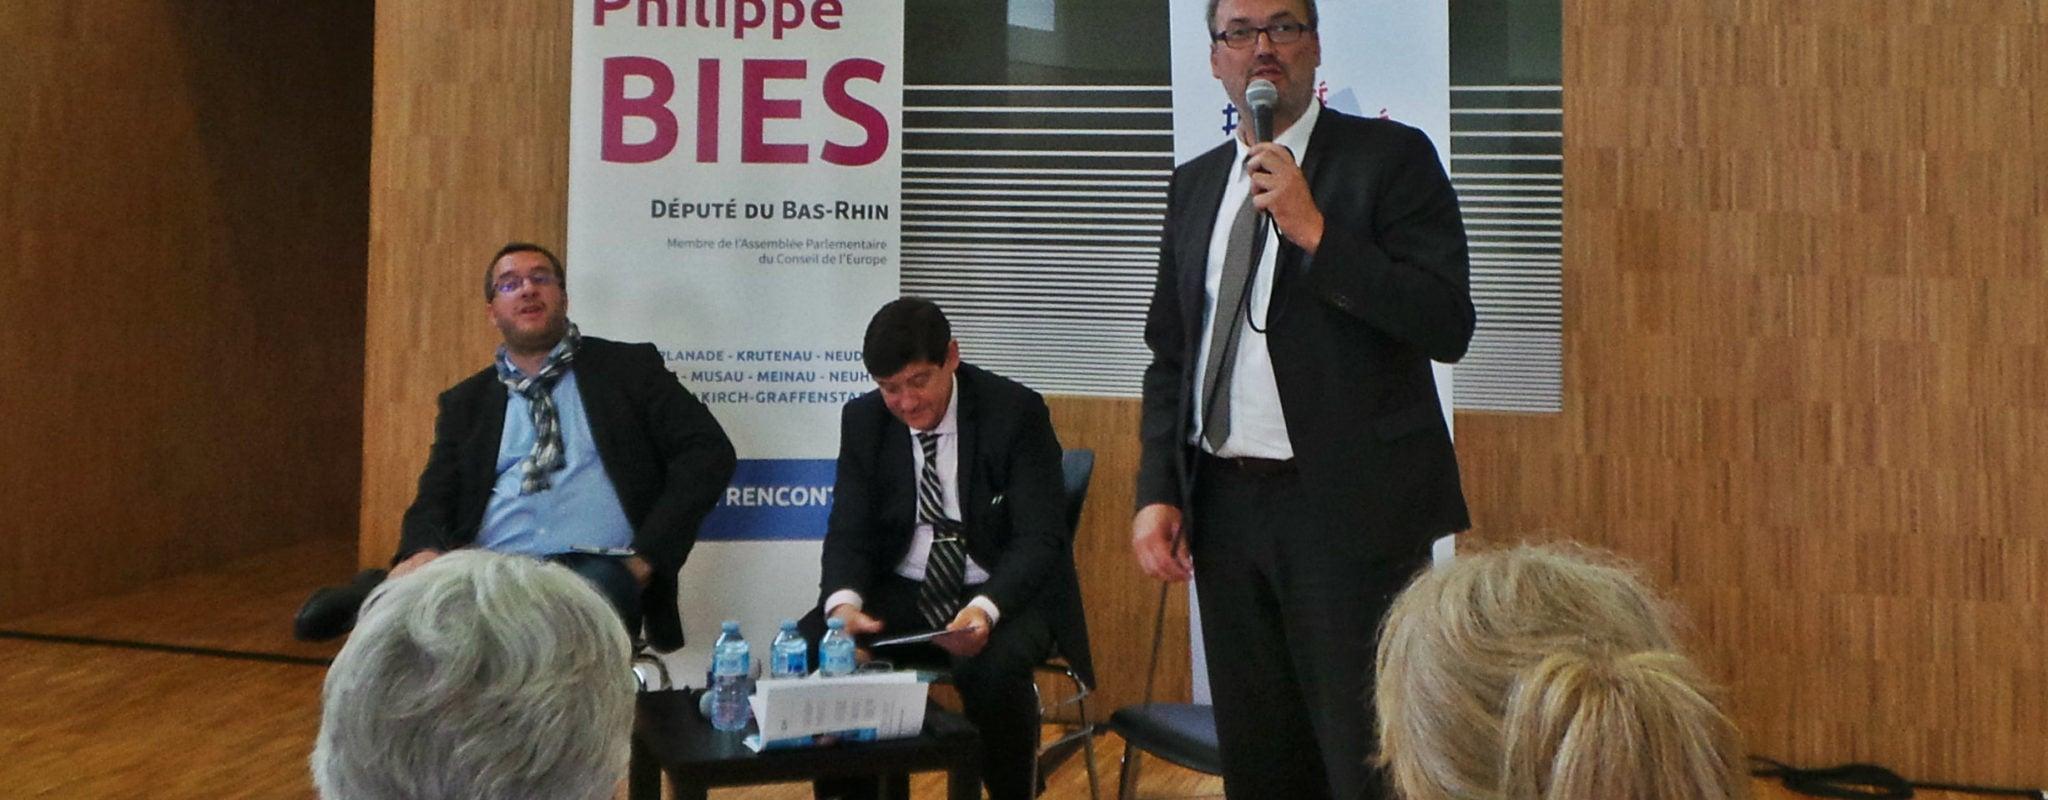 Égalité et citoyenneté : un tiers de loi pour Philippe Bies